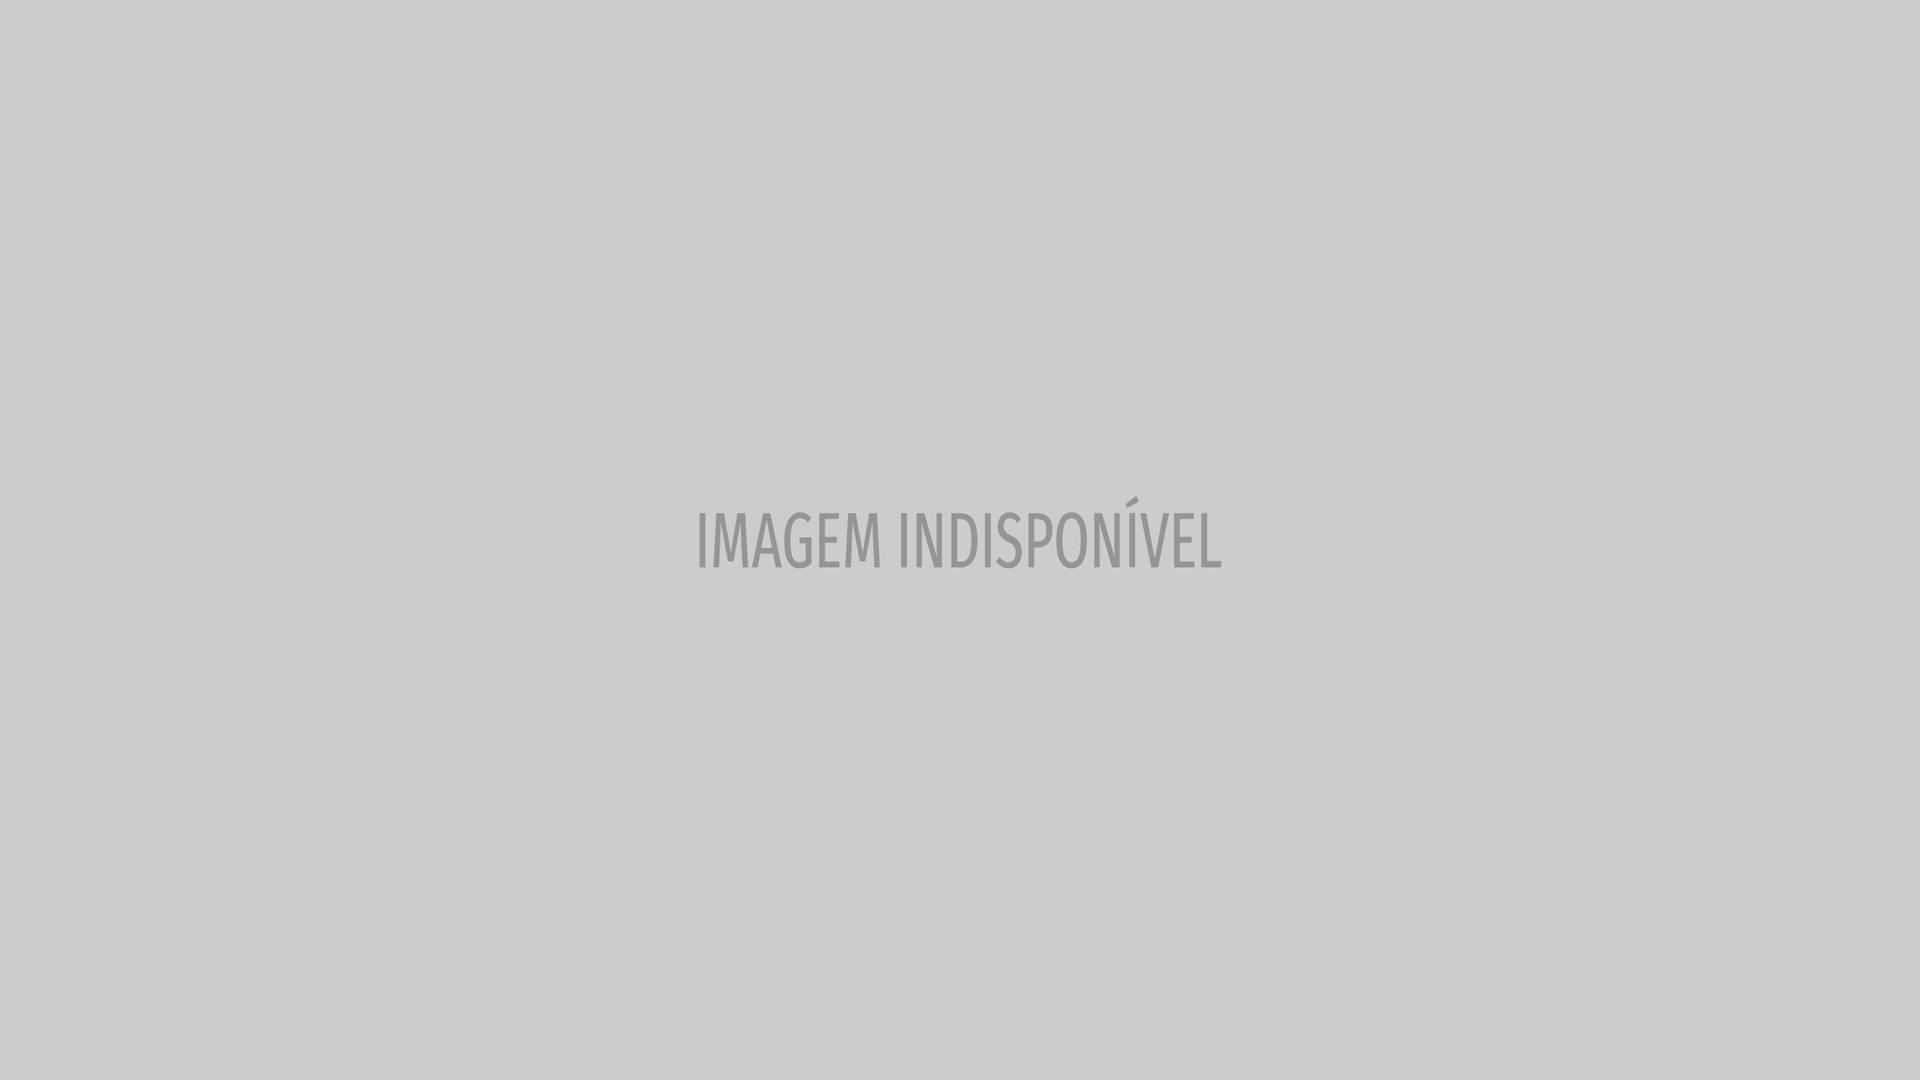 Sofia Ribeiro apaixonada! Veja a foto da atriz com o novo namorado